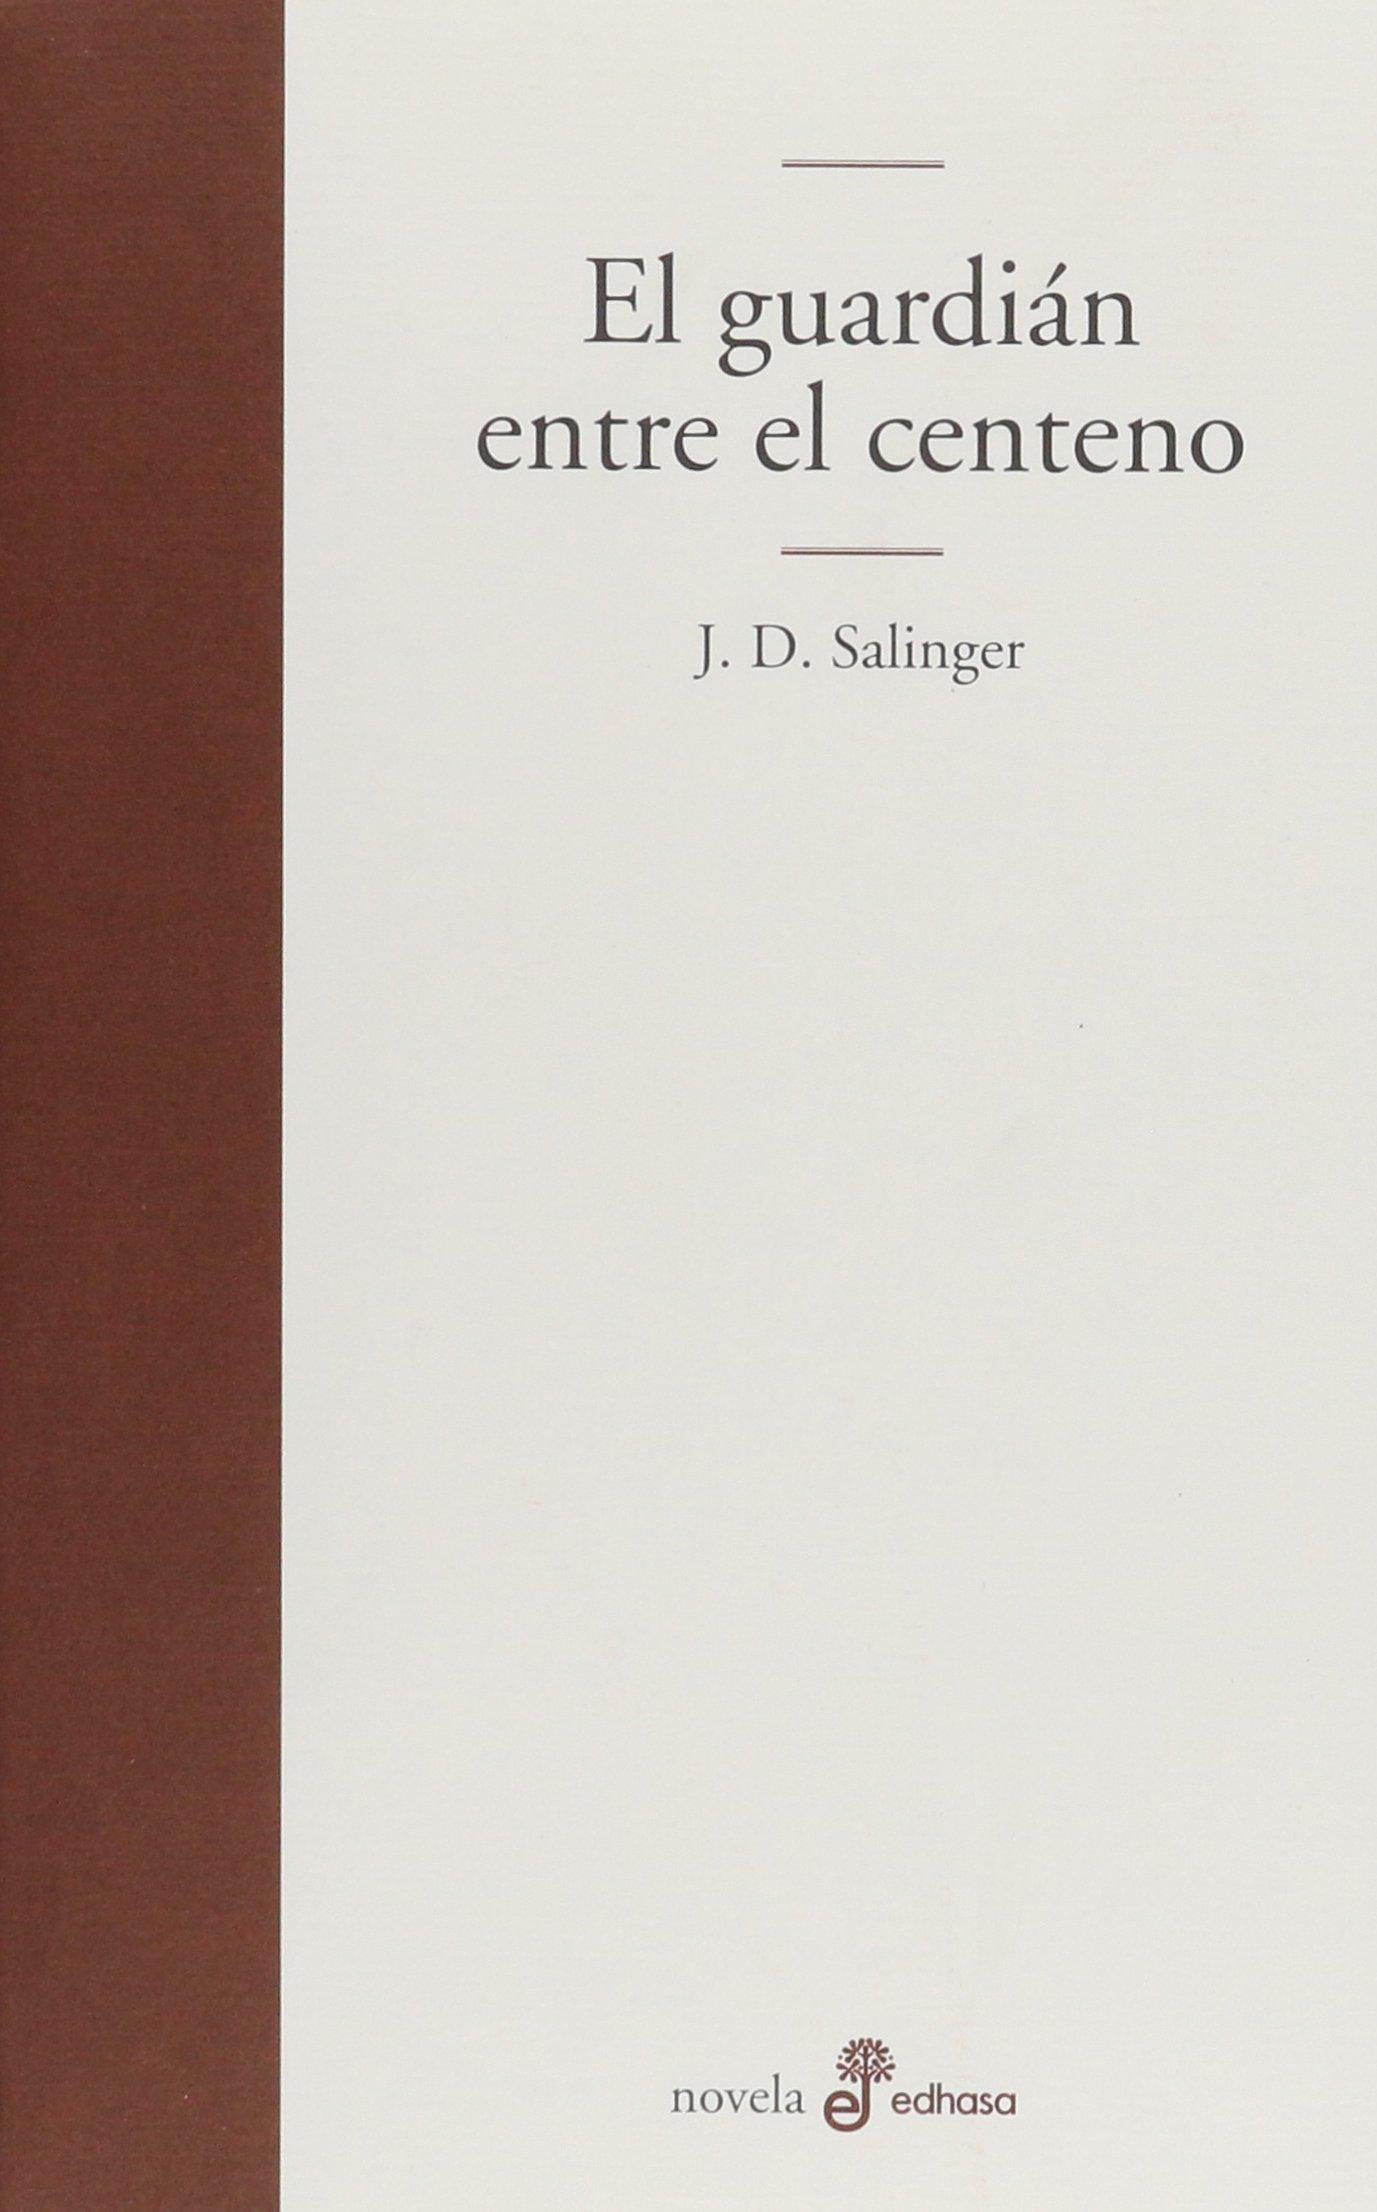 El guardian entre el centeno (Edhasa Literaria): Amazon.es: Jerome D.  Salinger, Carmen Criado: Libros